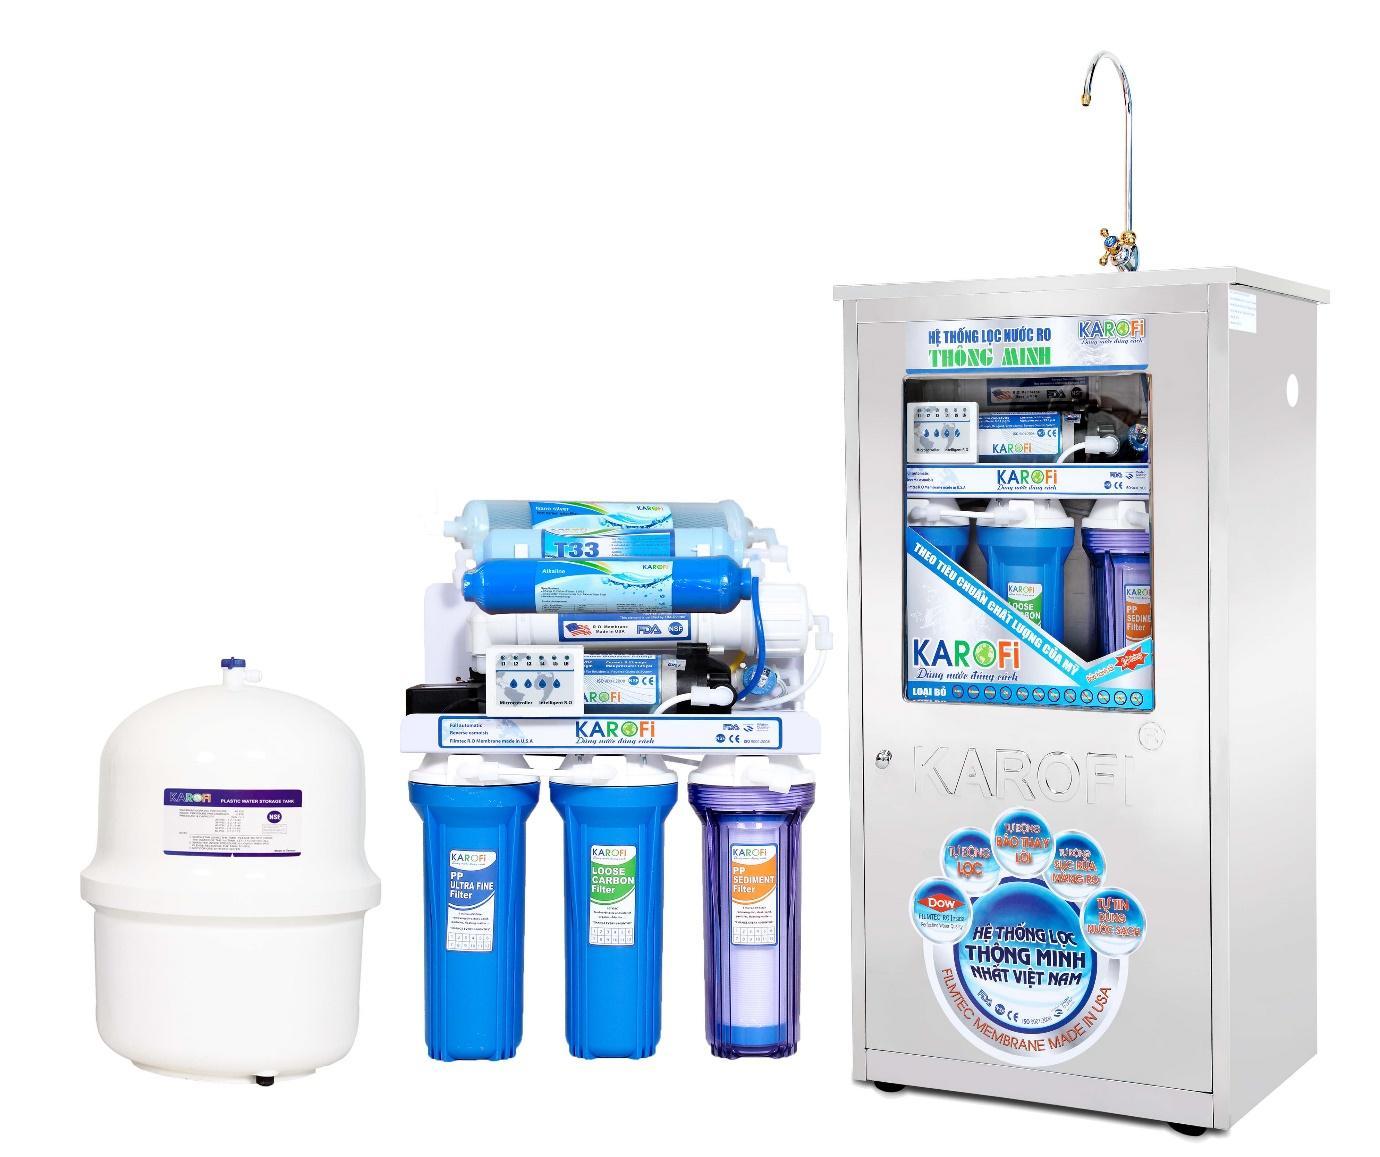 Địa chỉ cung cấp máy lọc nước cao cấp đảm bảo chất lượng và giá thành hợp lý.